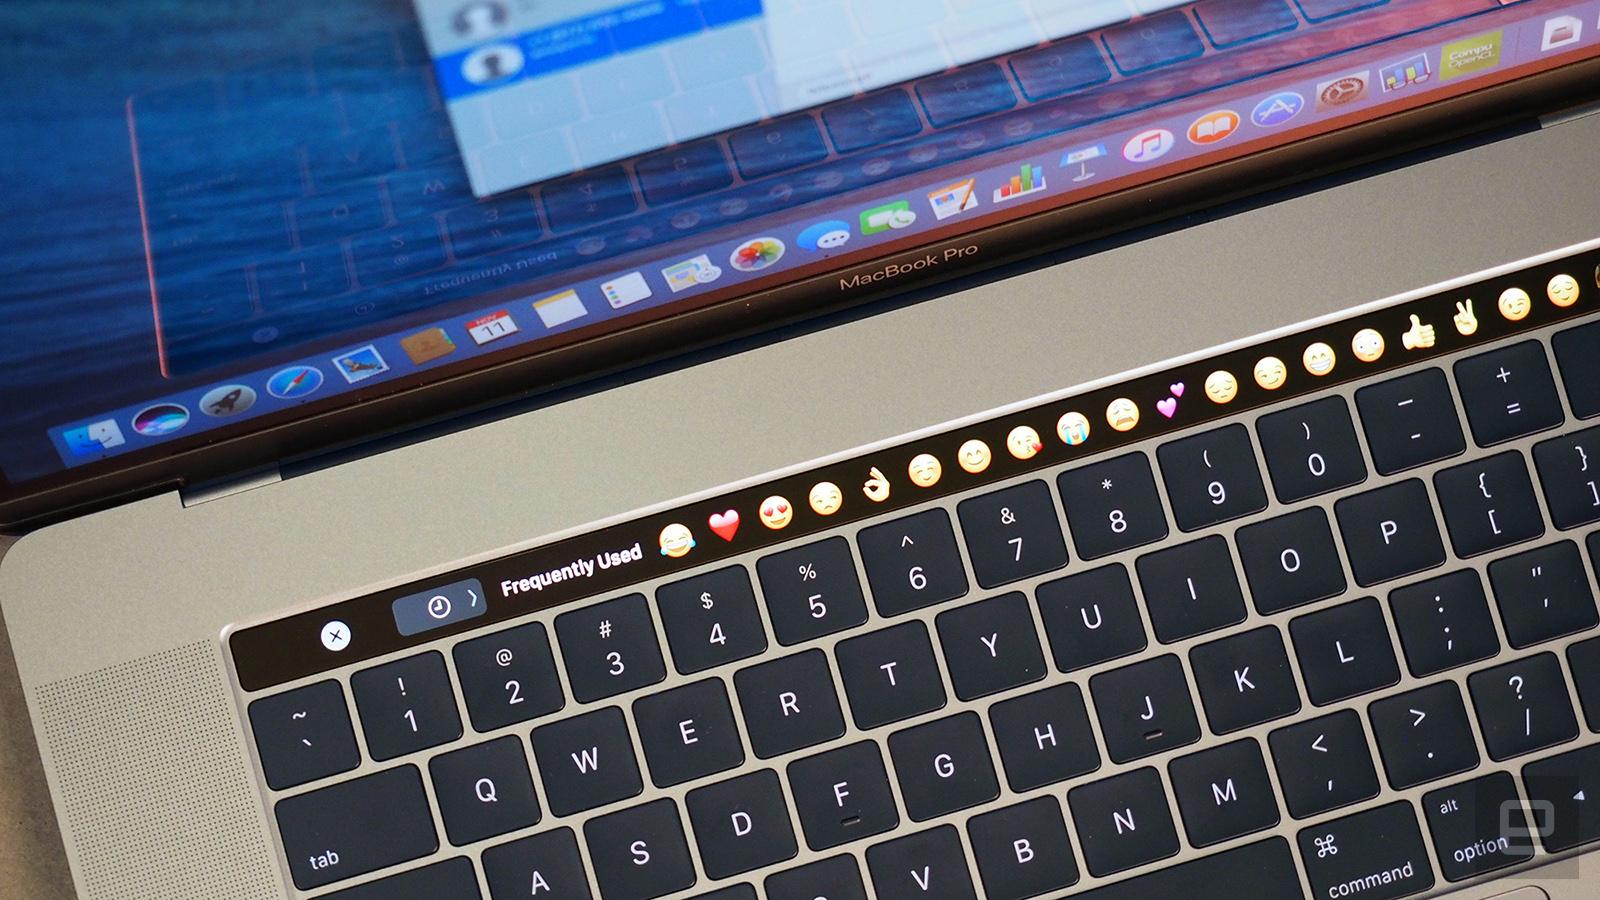 Consumer Reports desaconseja que compres el MacBook Pro